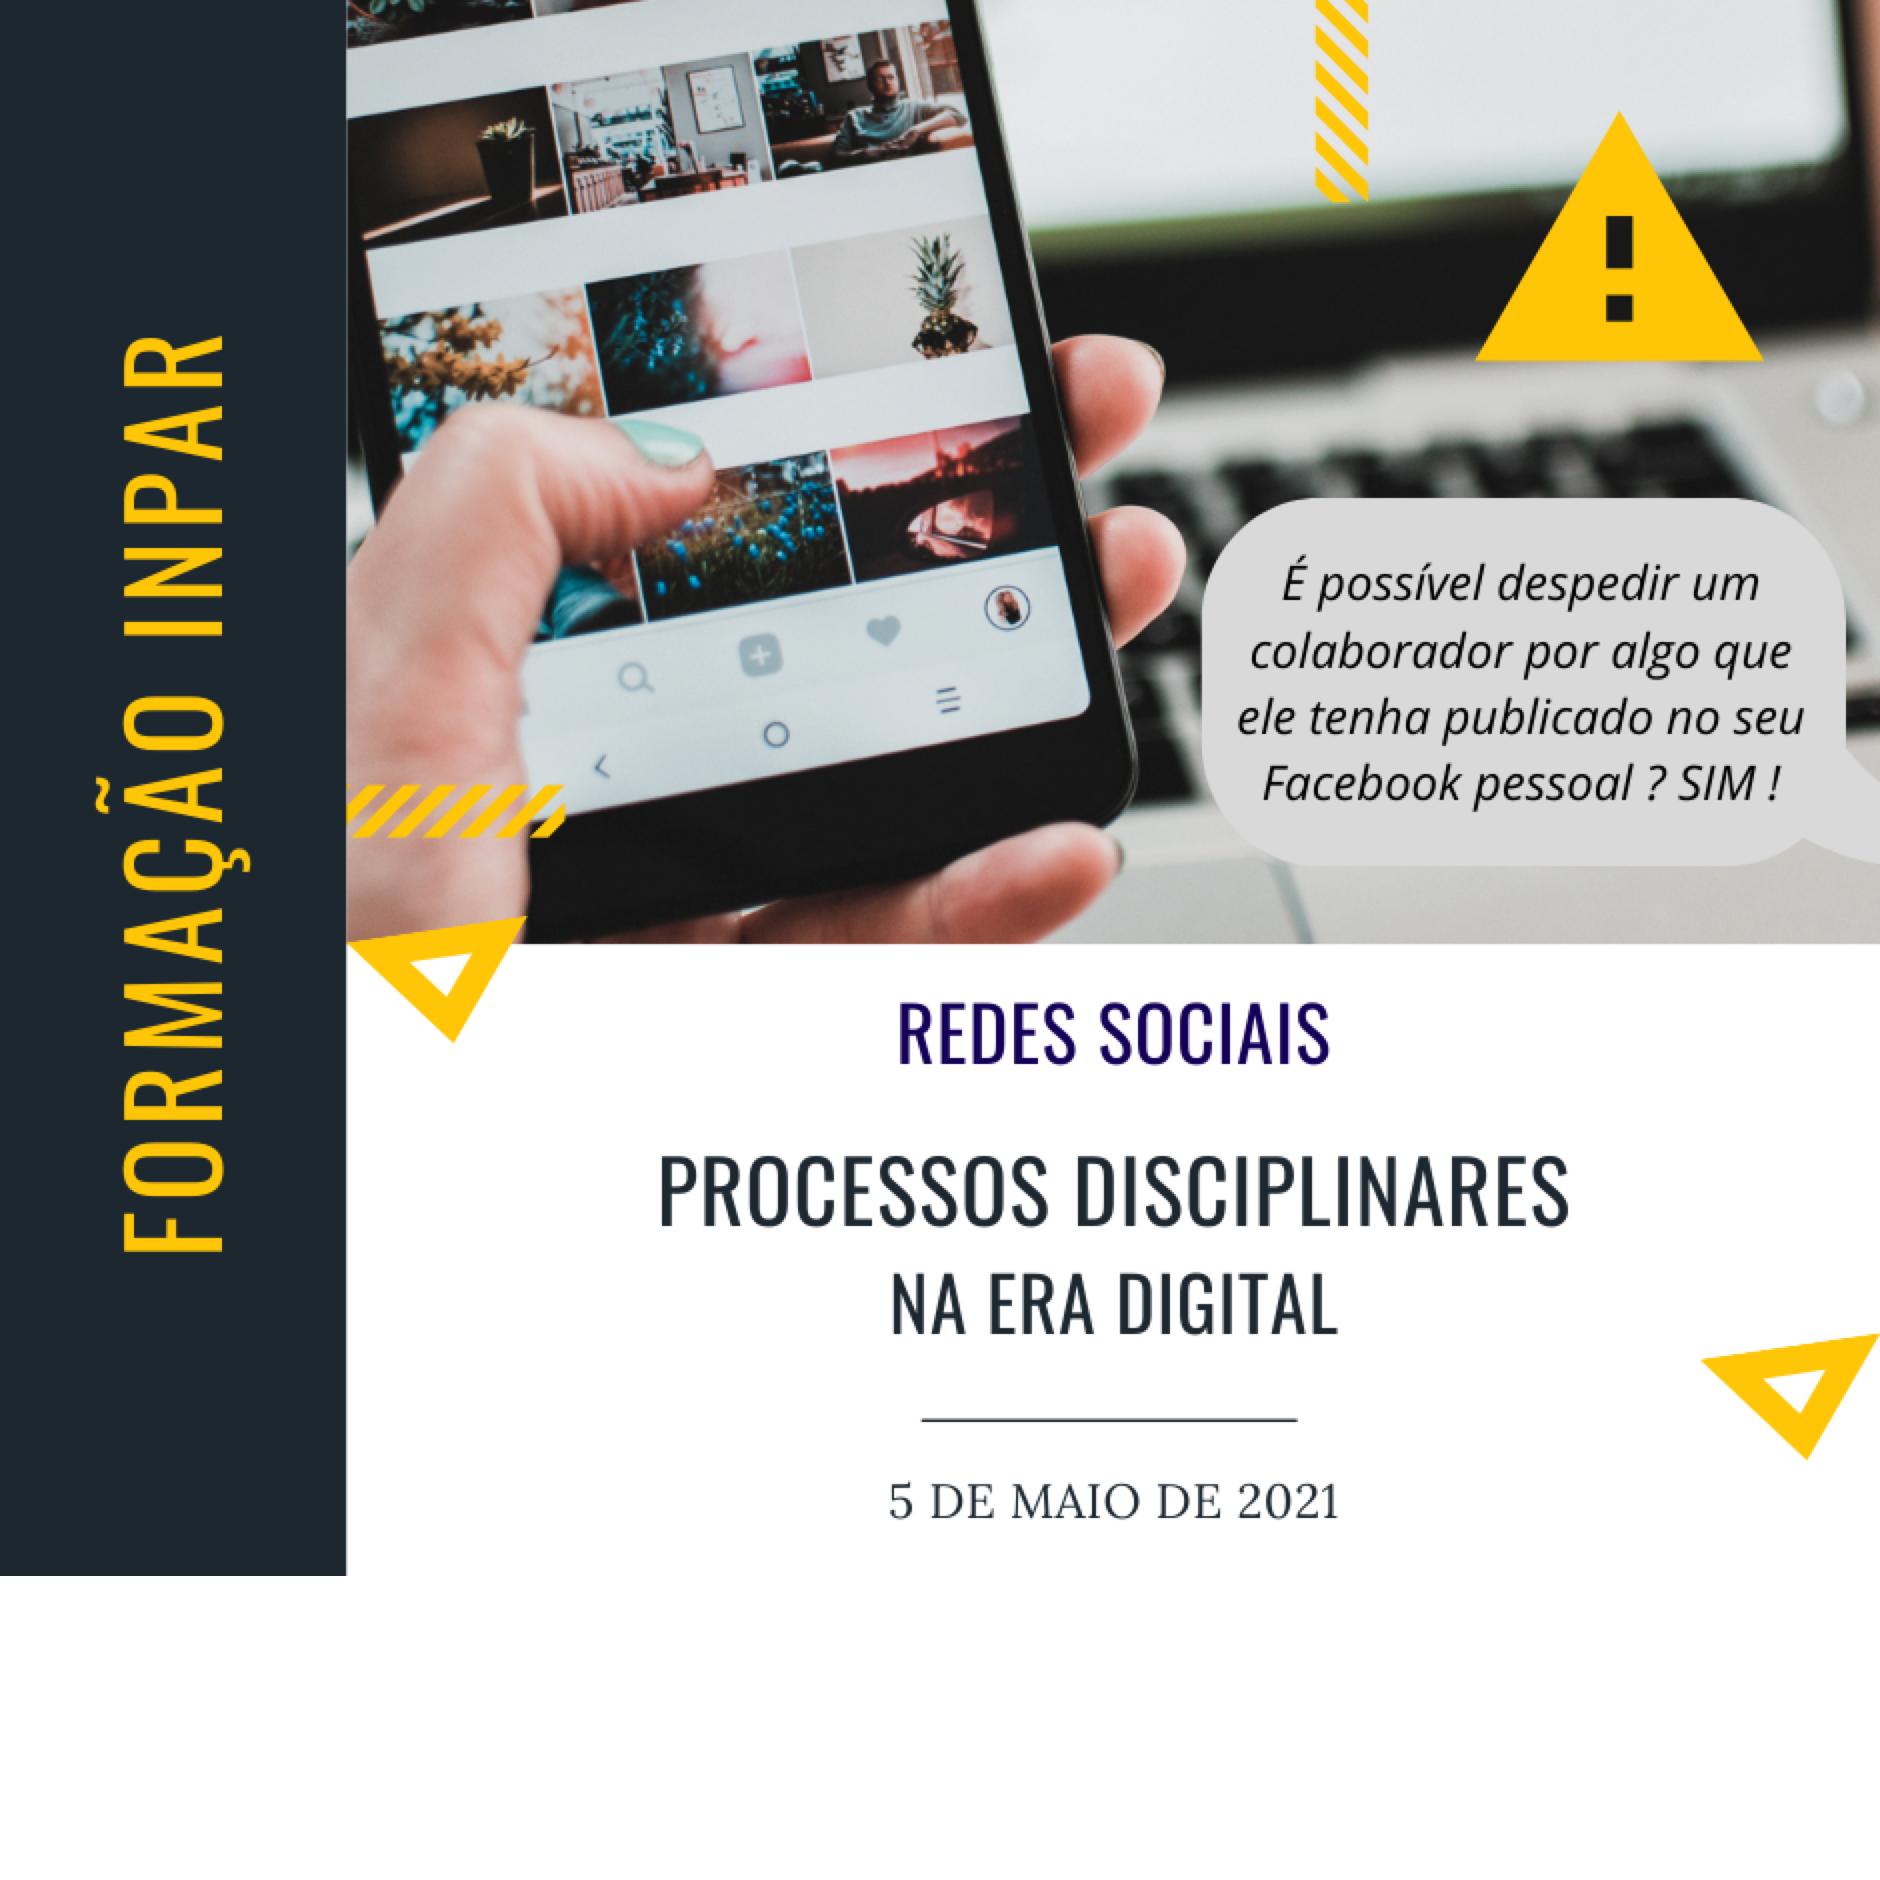 Processos Disciplinares na Era Digital